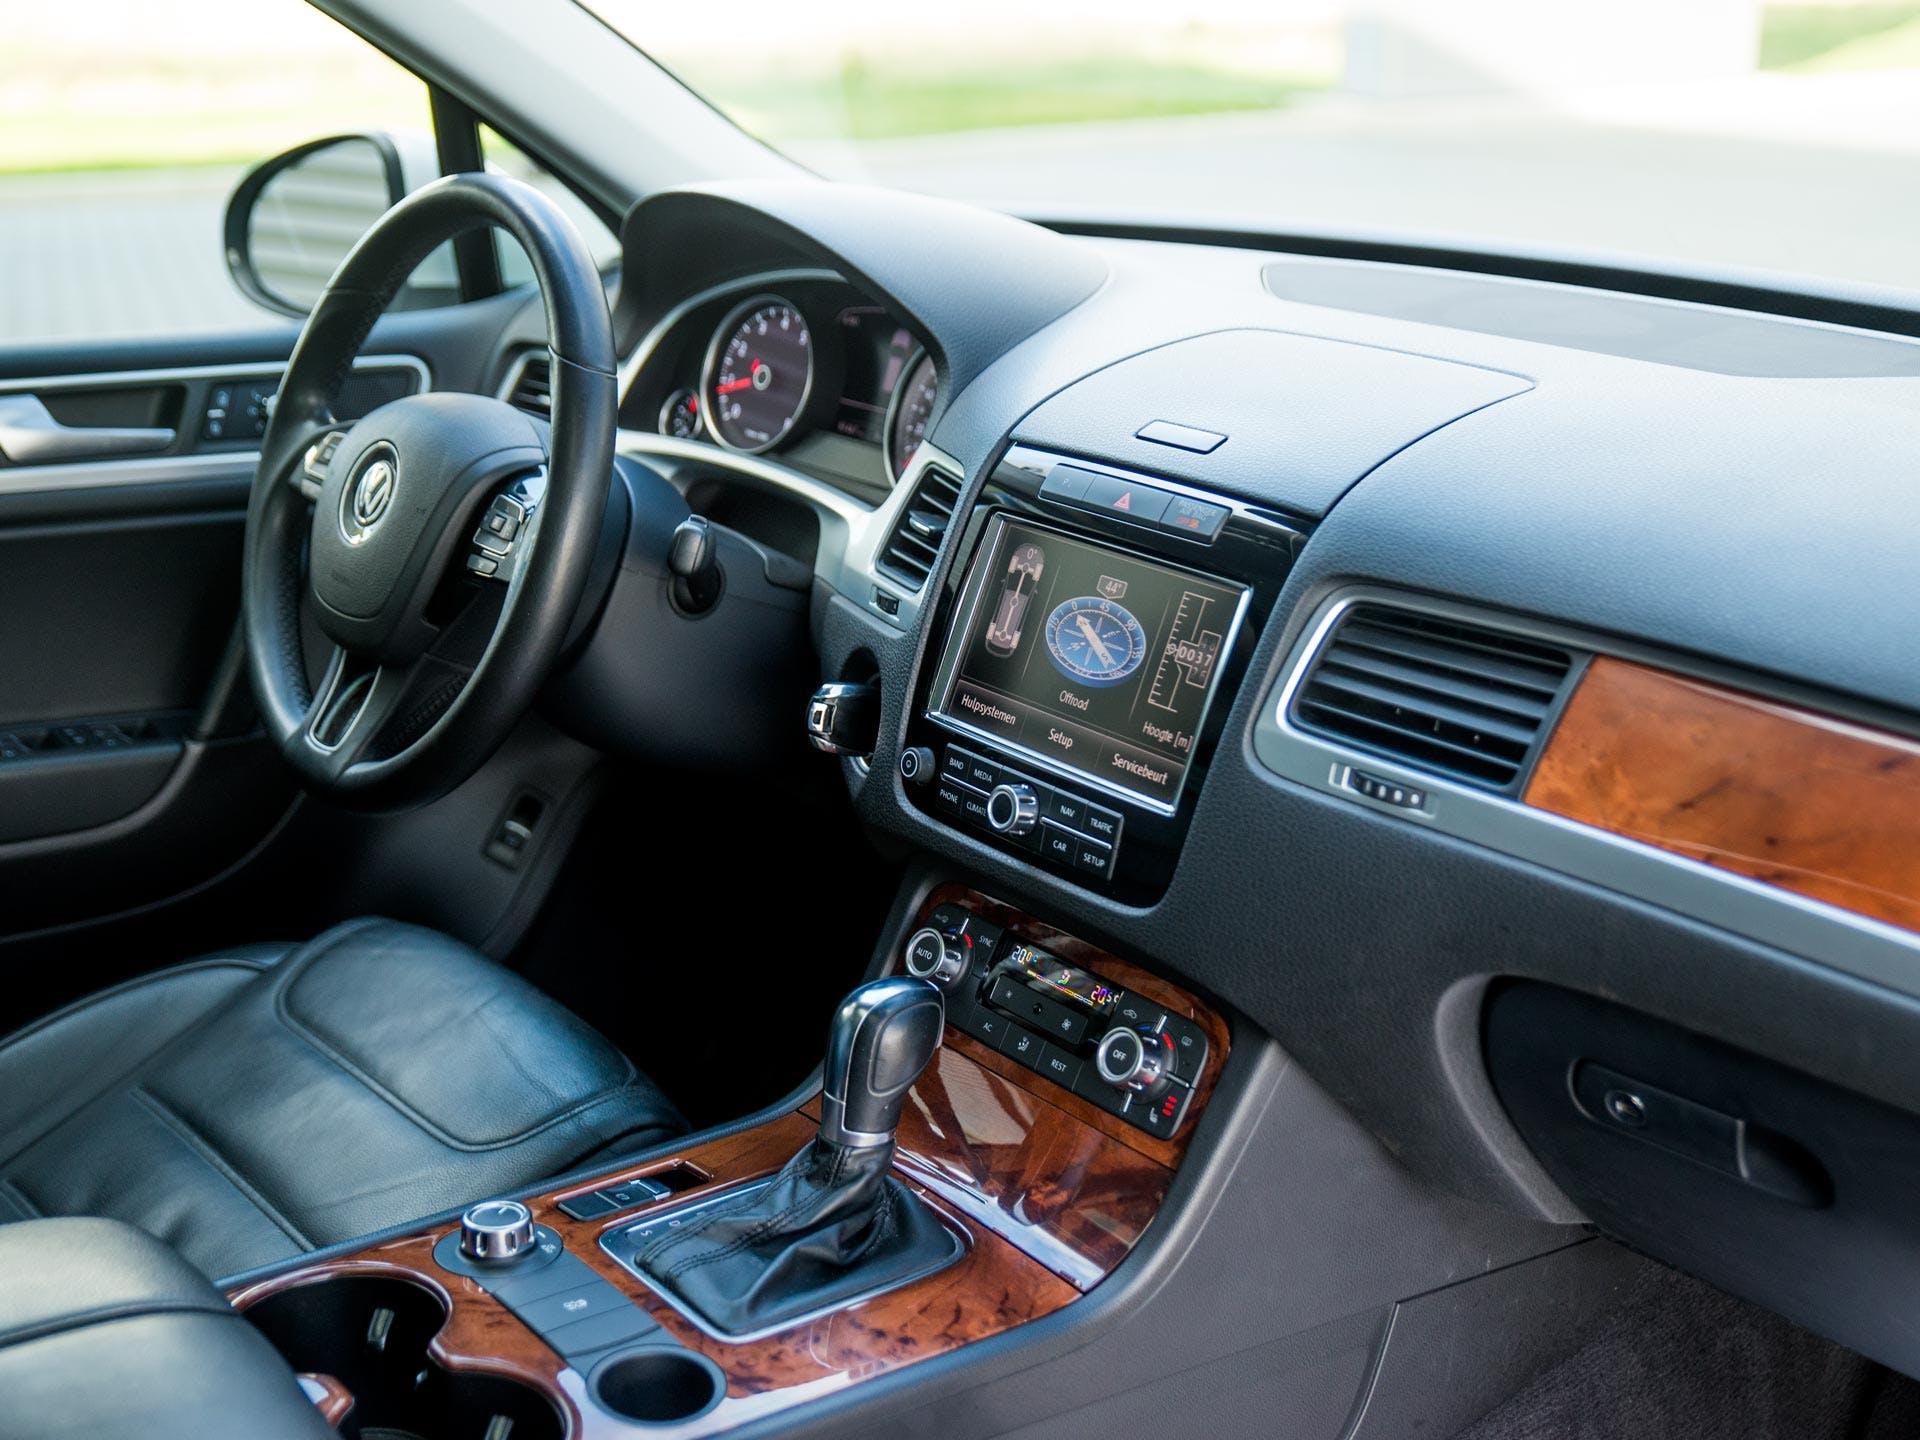 Tweedehands Volkswagen Touareg V6 occasion